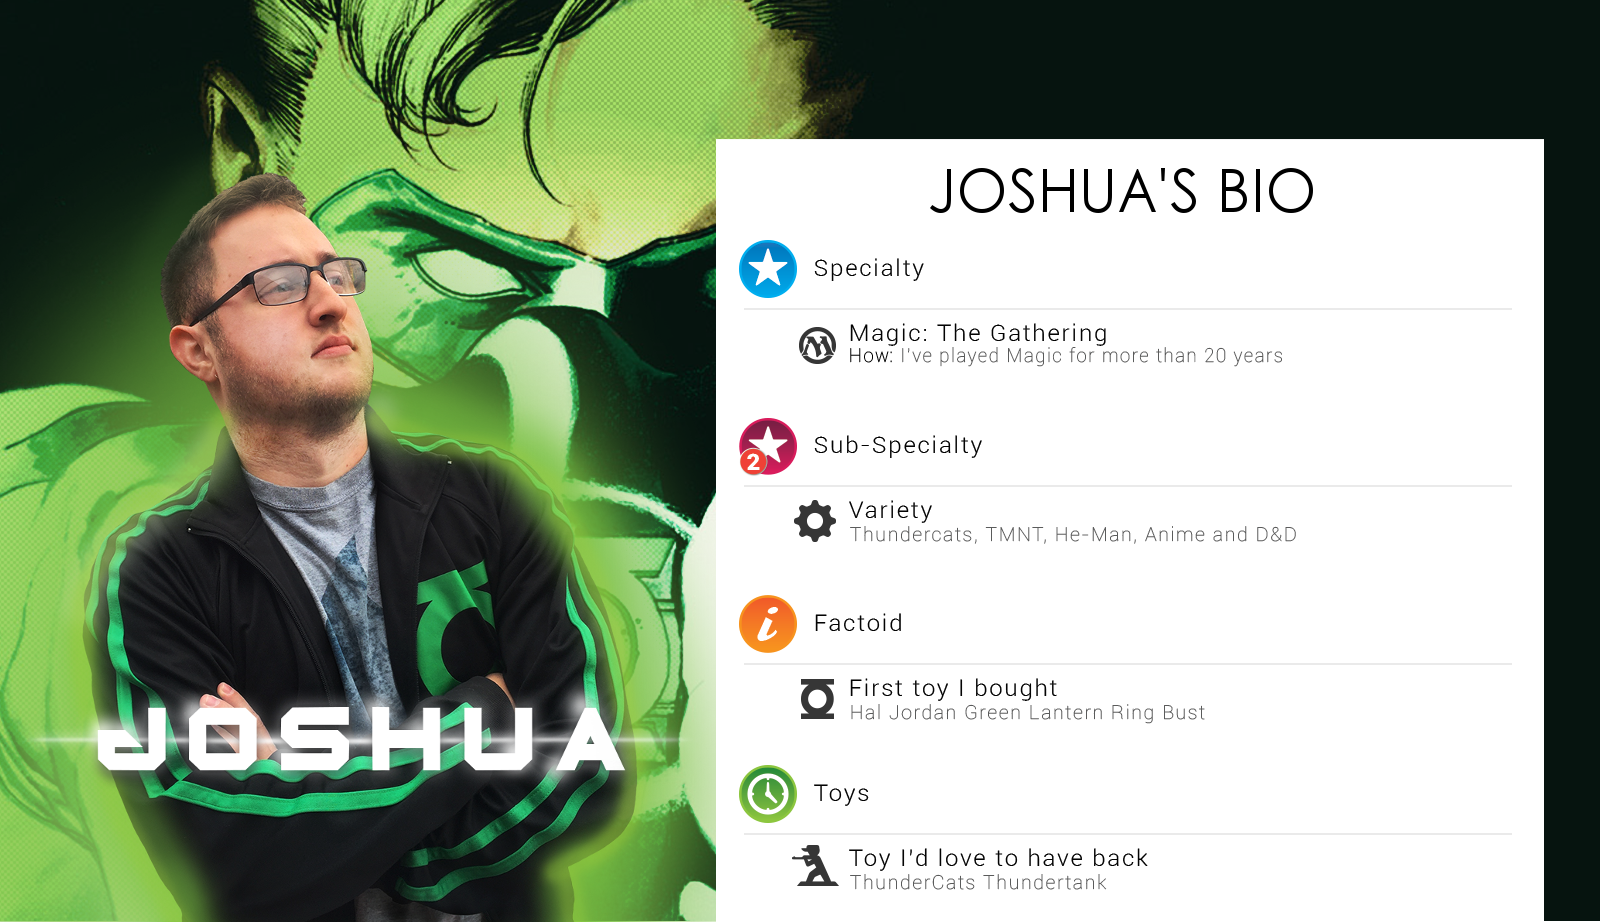 Josh's Bio